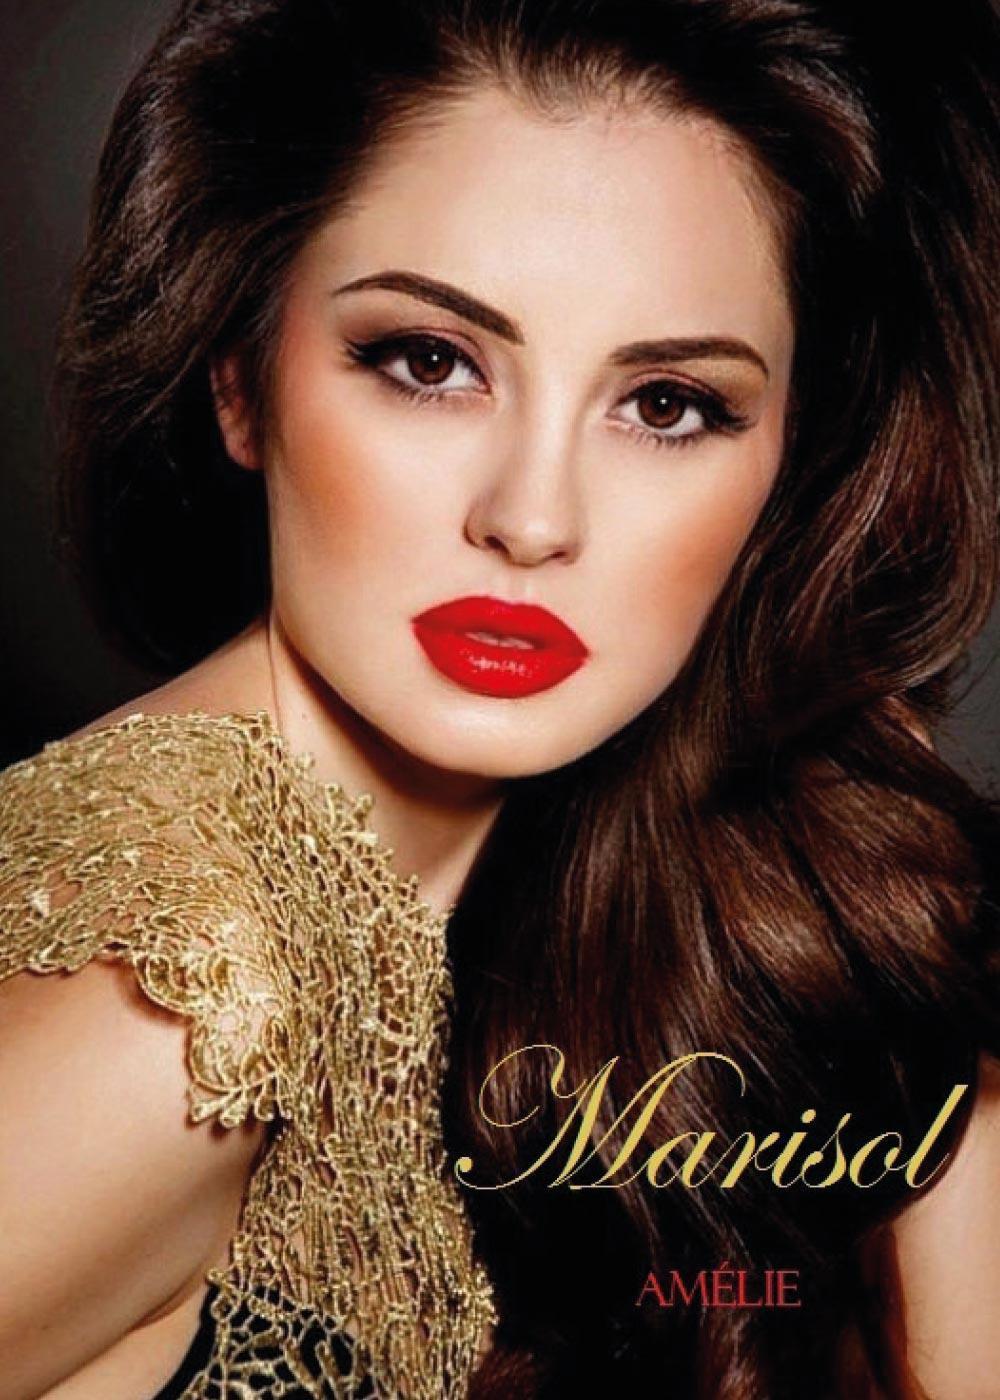 Marisol - Luces y Sombras #2